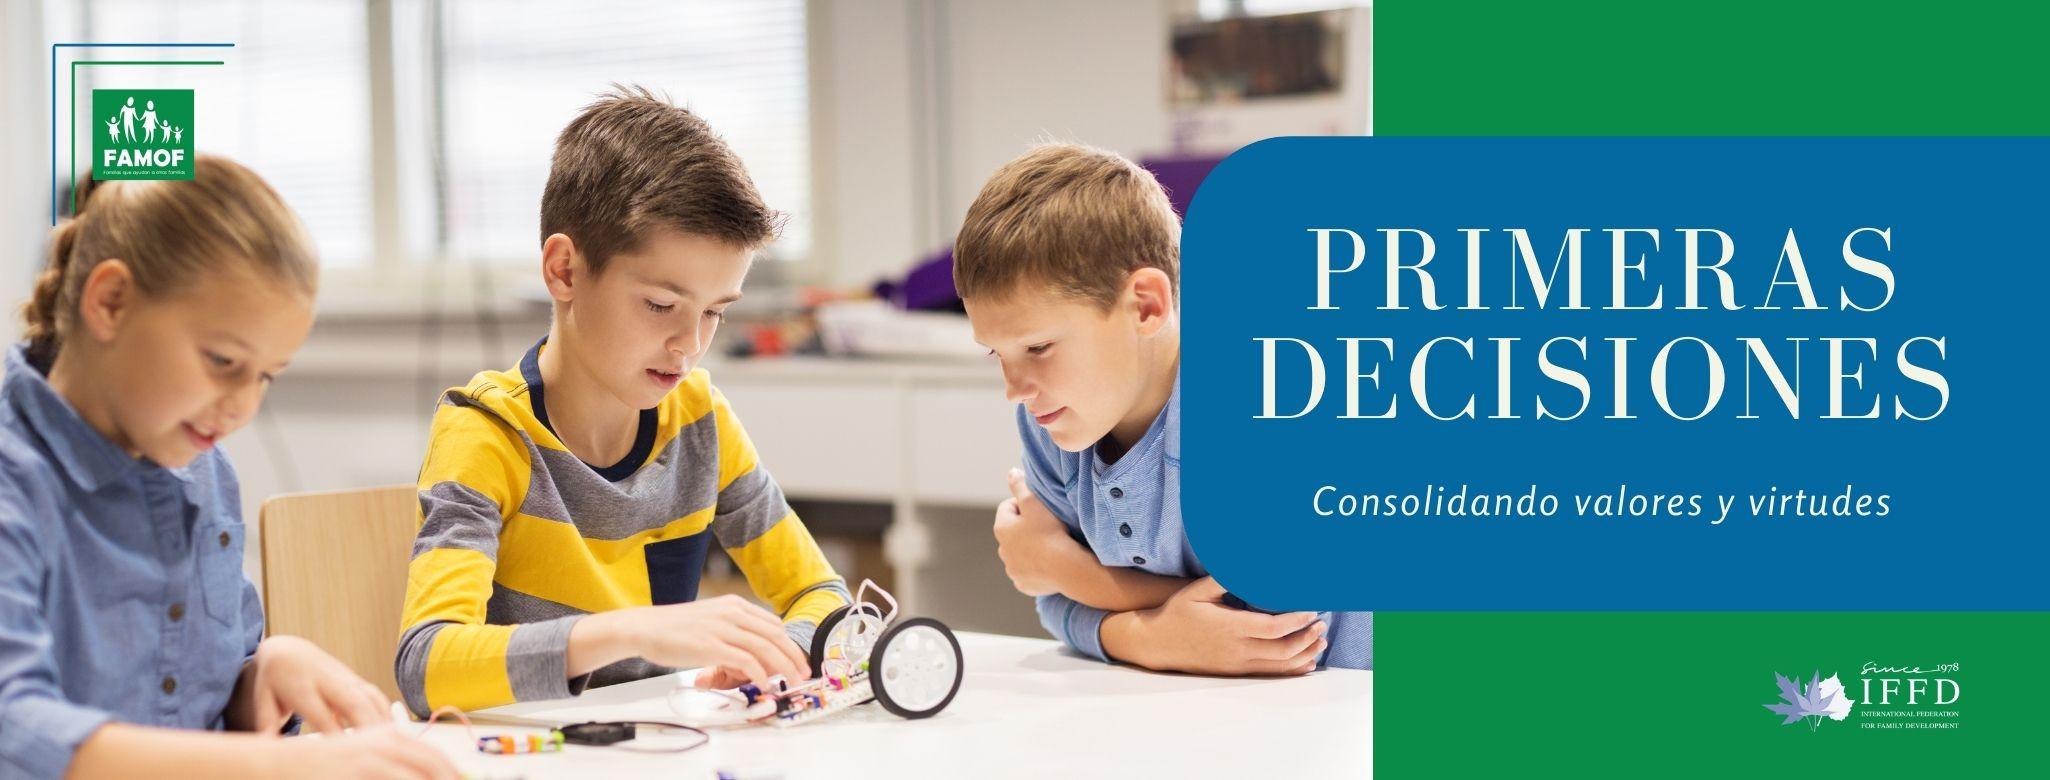 Edad escolar - P. Decisiones - Portada 2